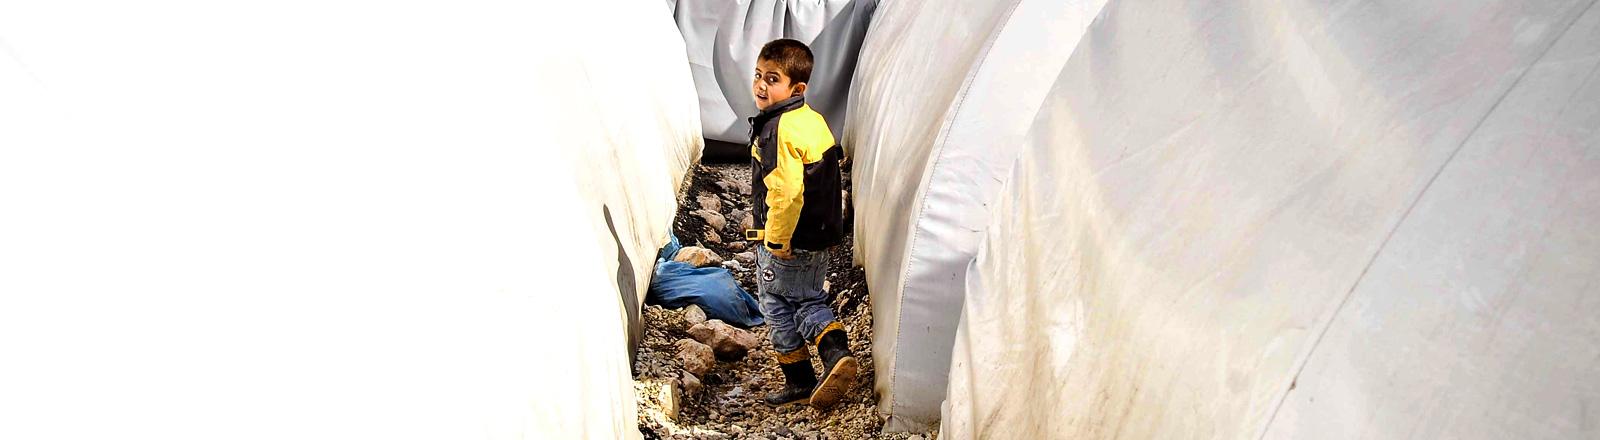 Ein Junge läuft durch ein Flüchtlingslager in der Türkei.